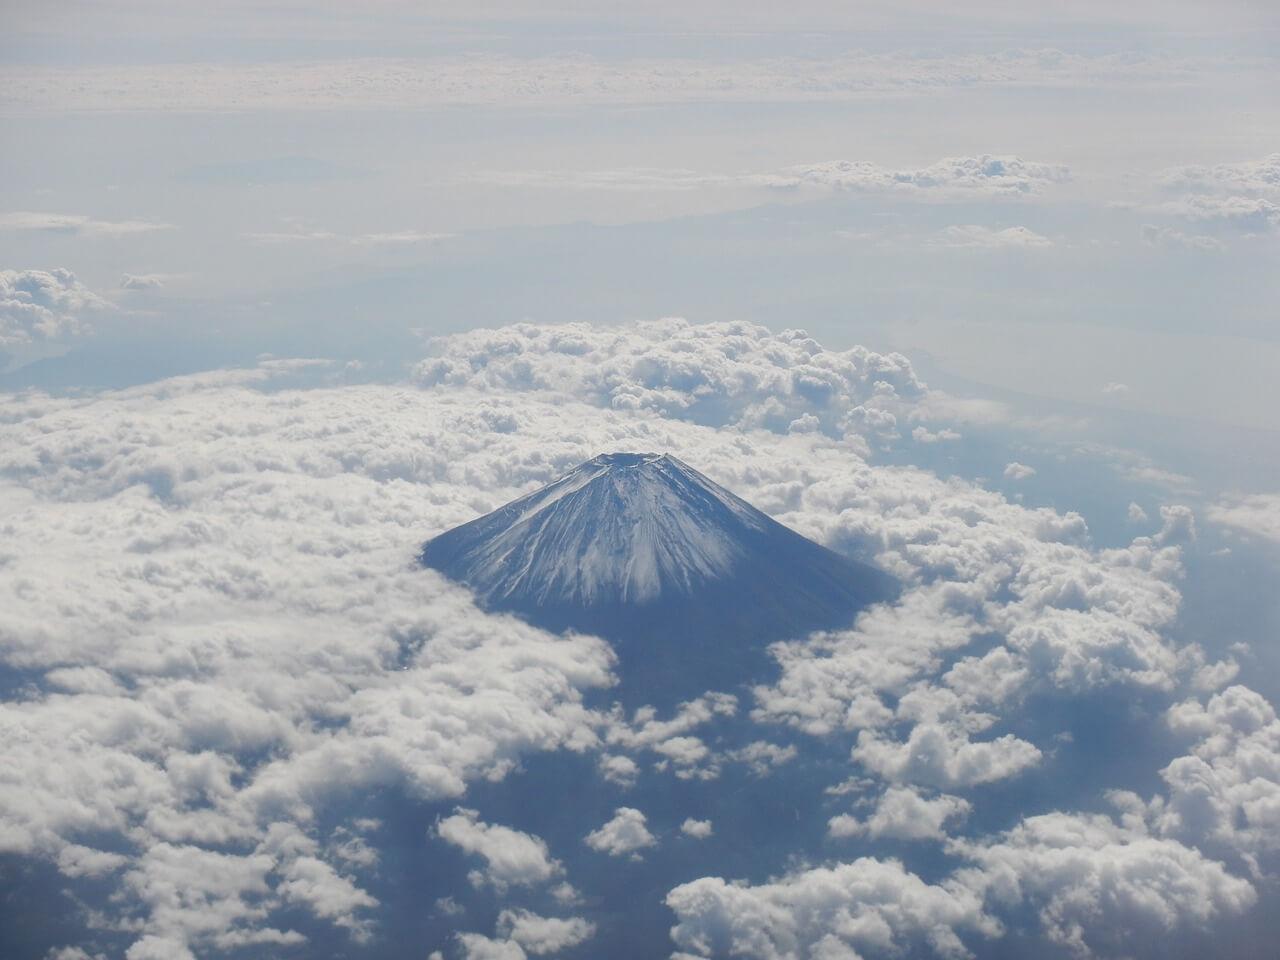 جبل فوجي مقصد السياح ورمز اليابان الخالد